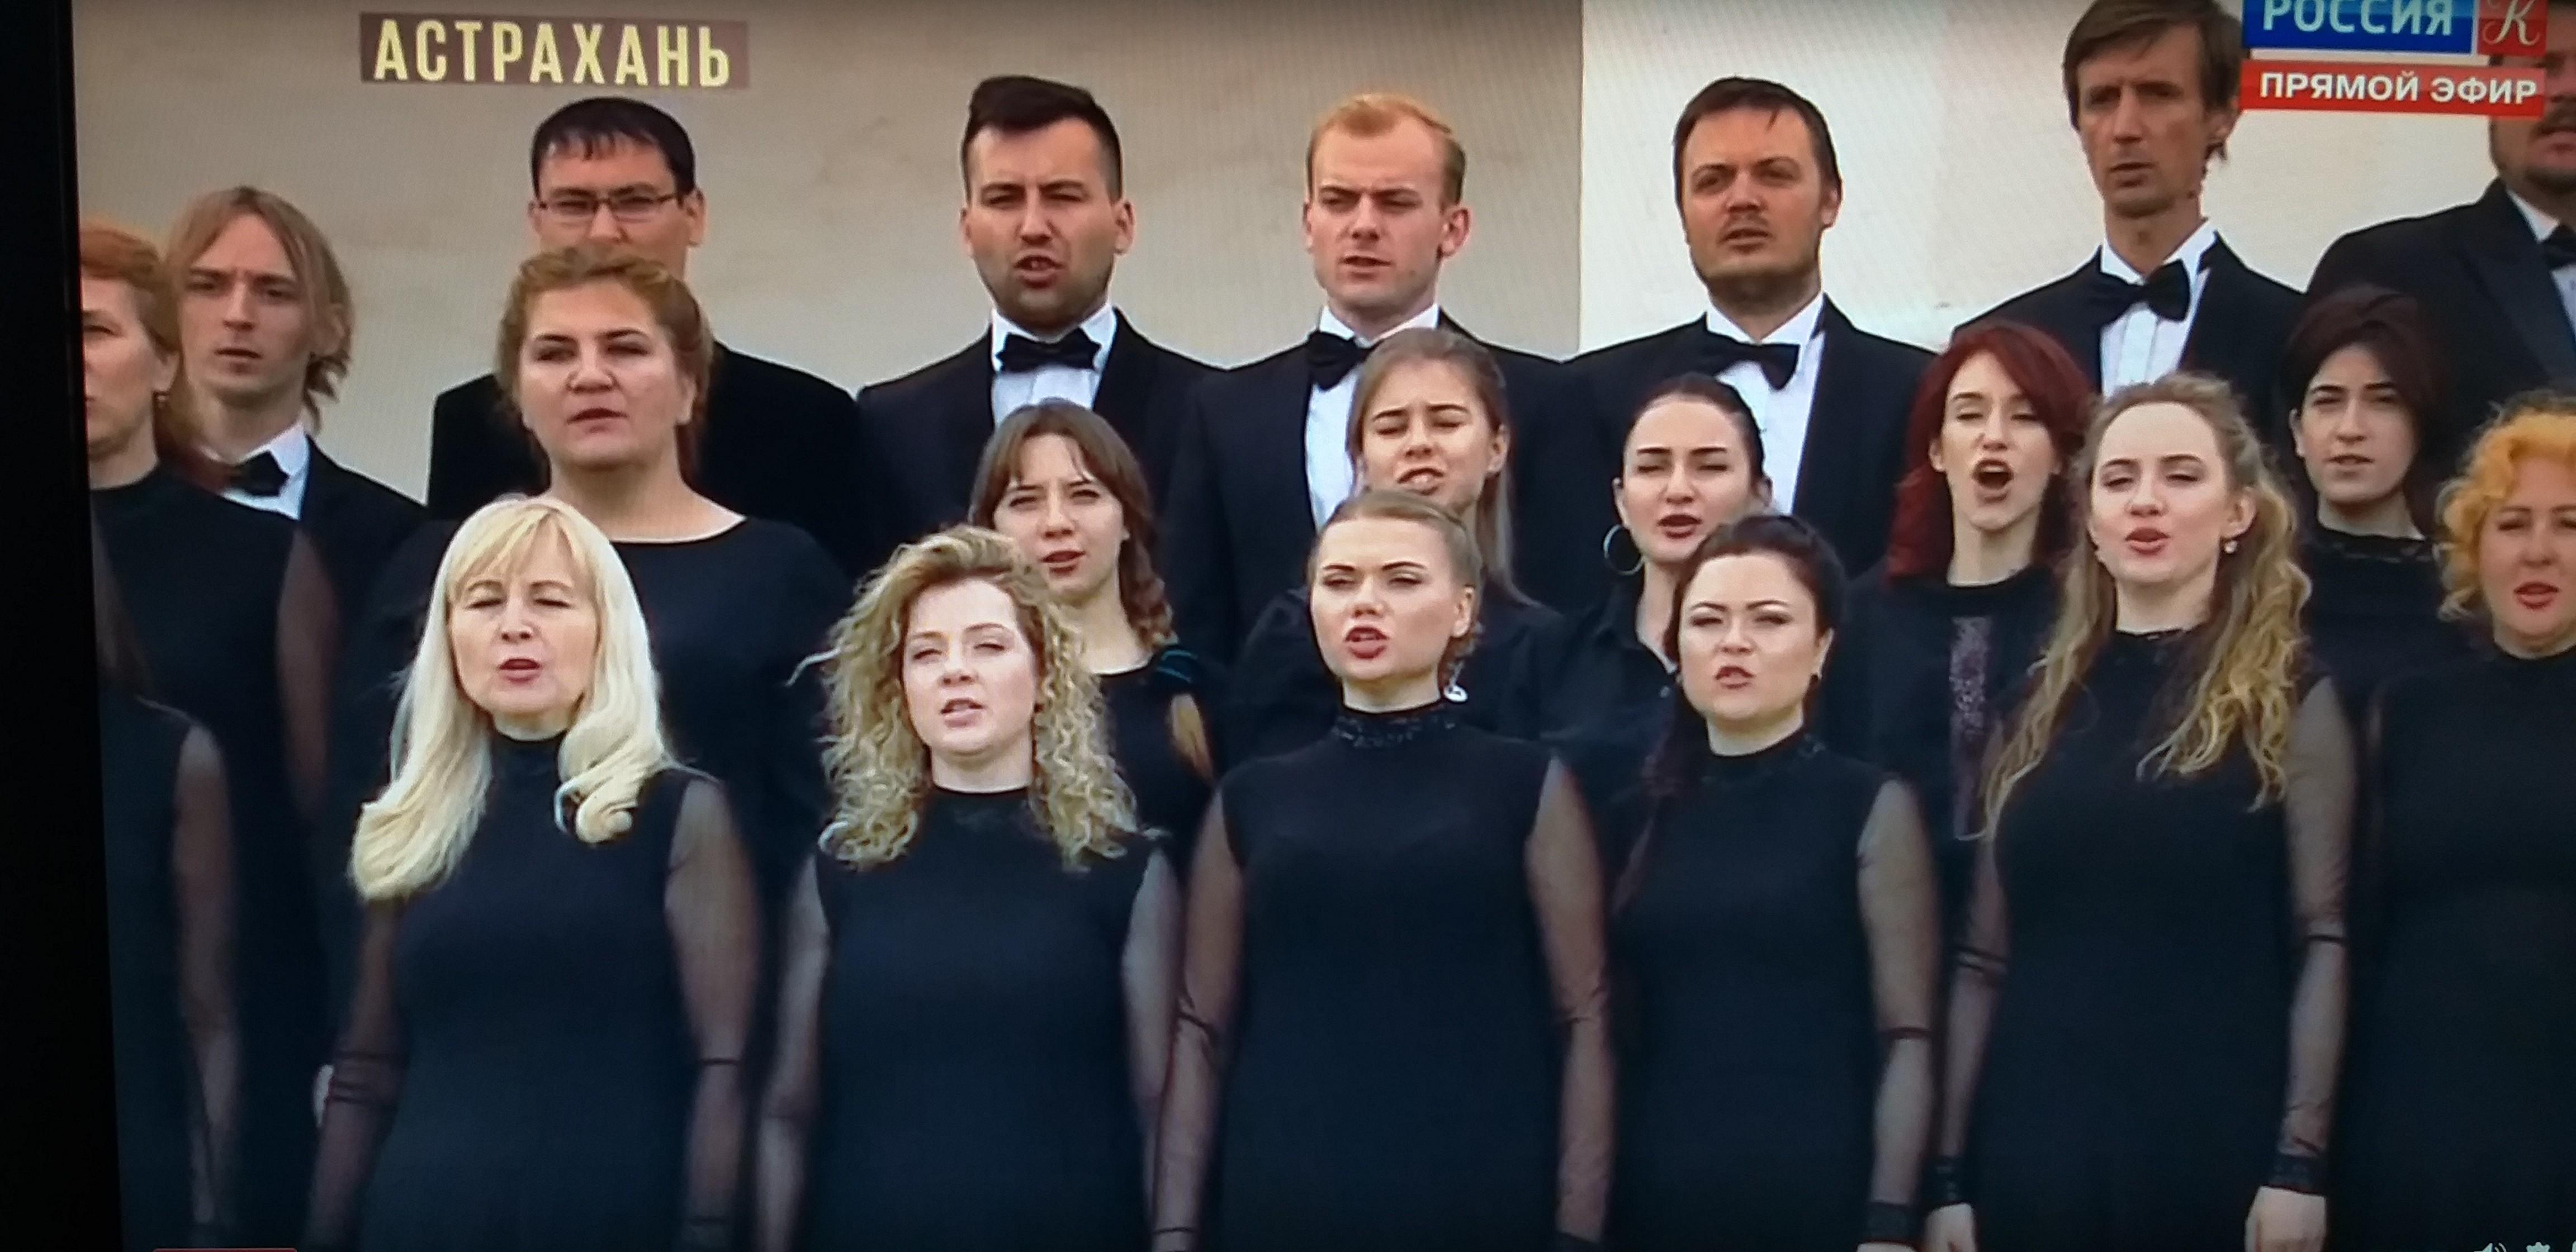 В Астрахани отметили День славянской письменности и культуры